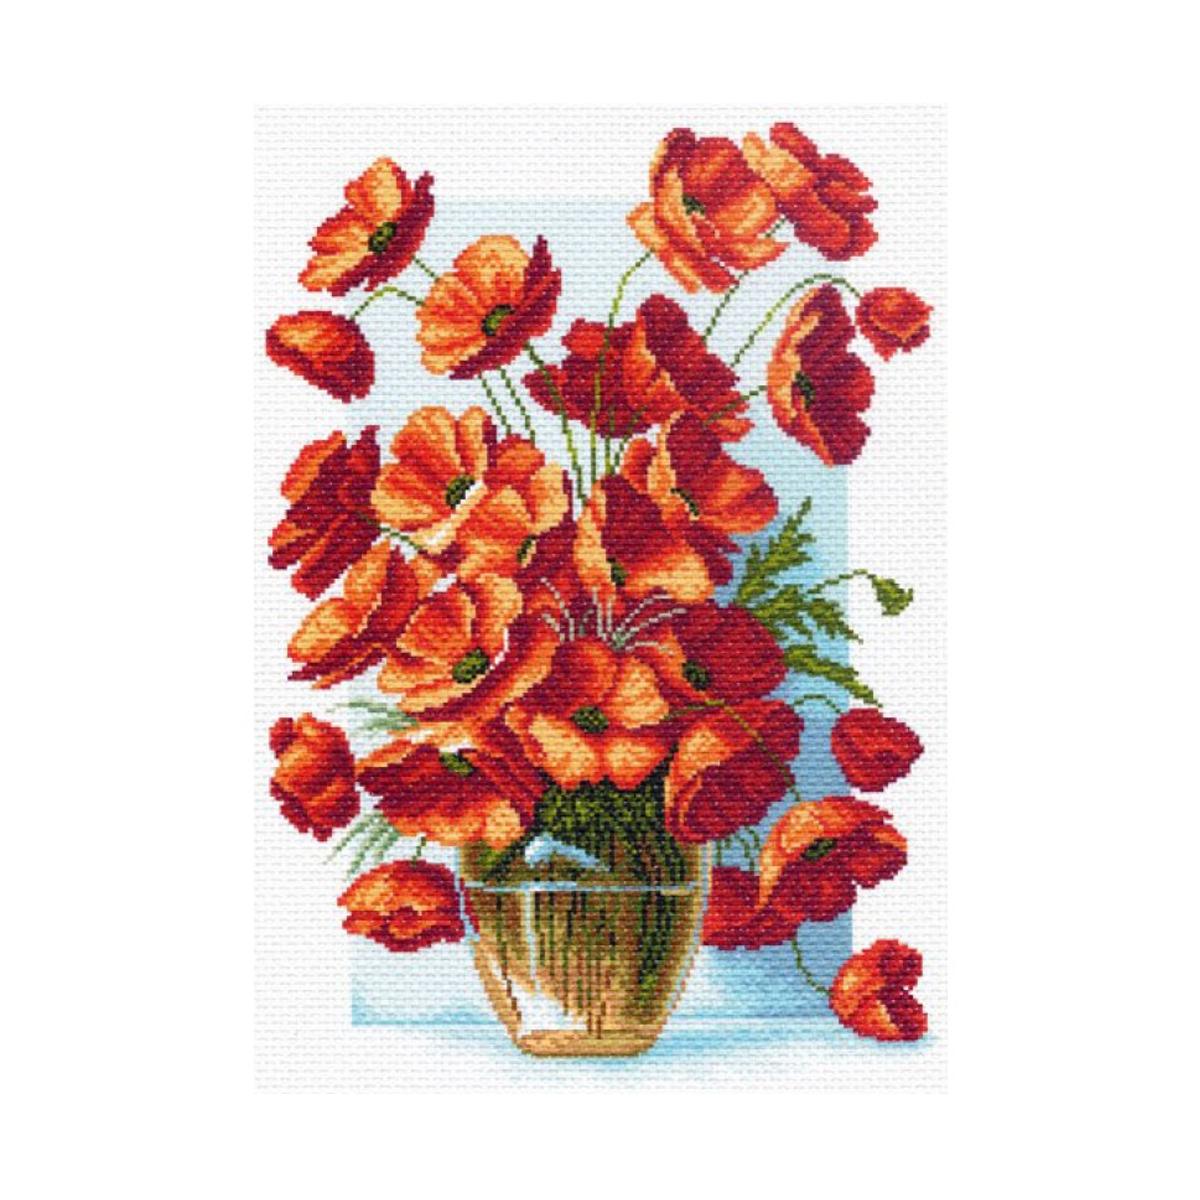 Канва с рисунком Матренин Посад Ваза с маками, 33 см х 45 см. 1439549938Размер: 33x45 см Рисунок полностью напечатан на канве. Указана цветовая карта ниток. Вышивать рекомендуется мулине в 3 сложения.